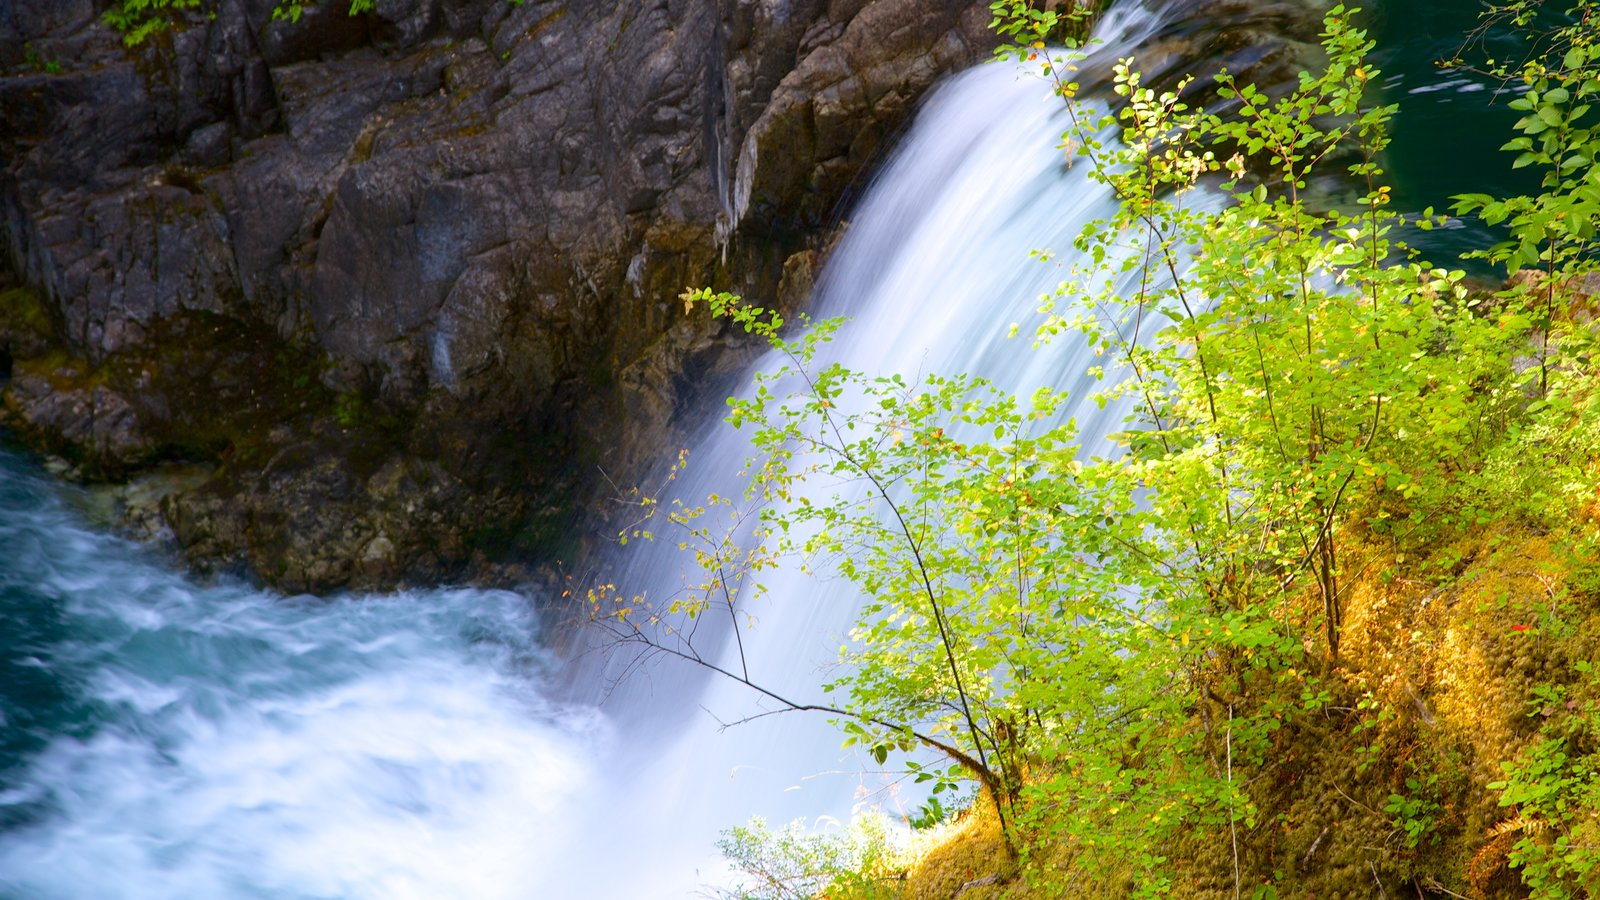 Little Qualicum Falls Provincial Park caracterizando uma cachoeira